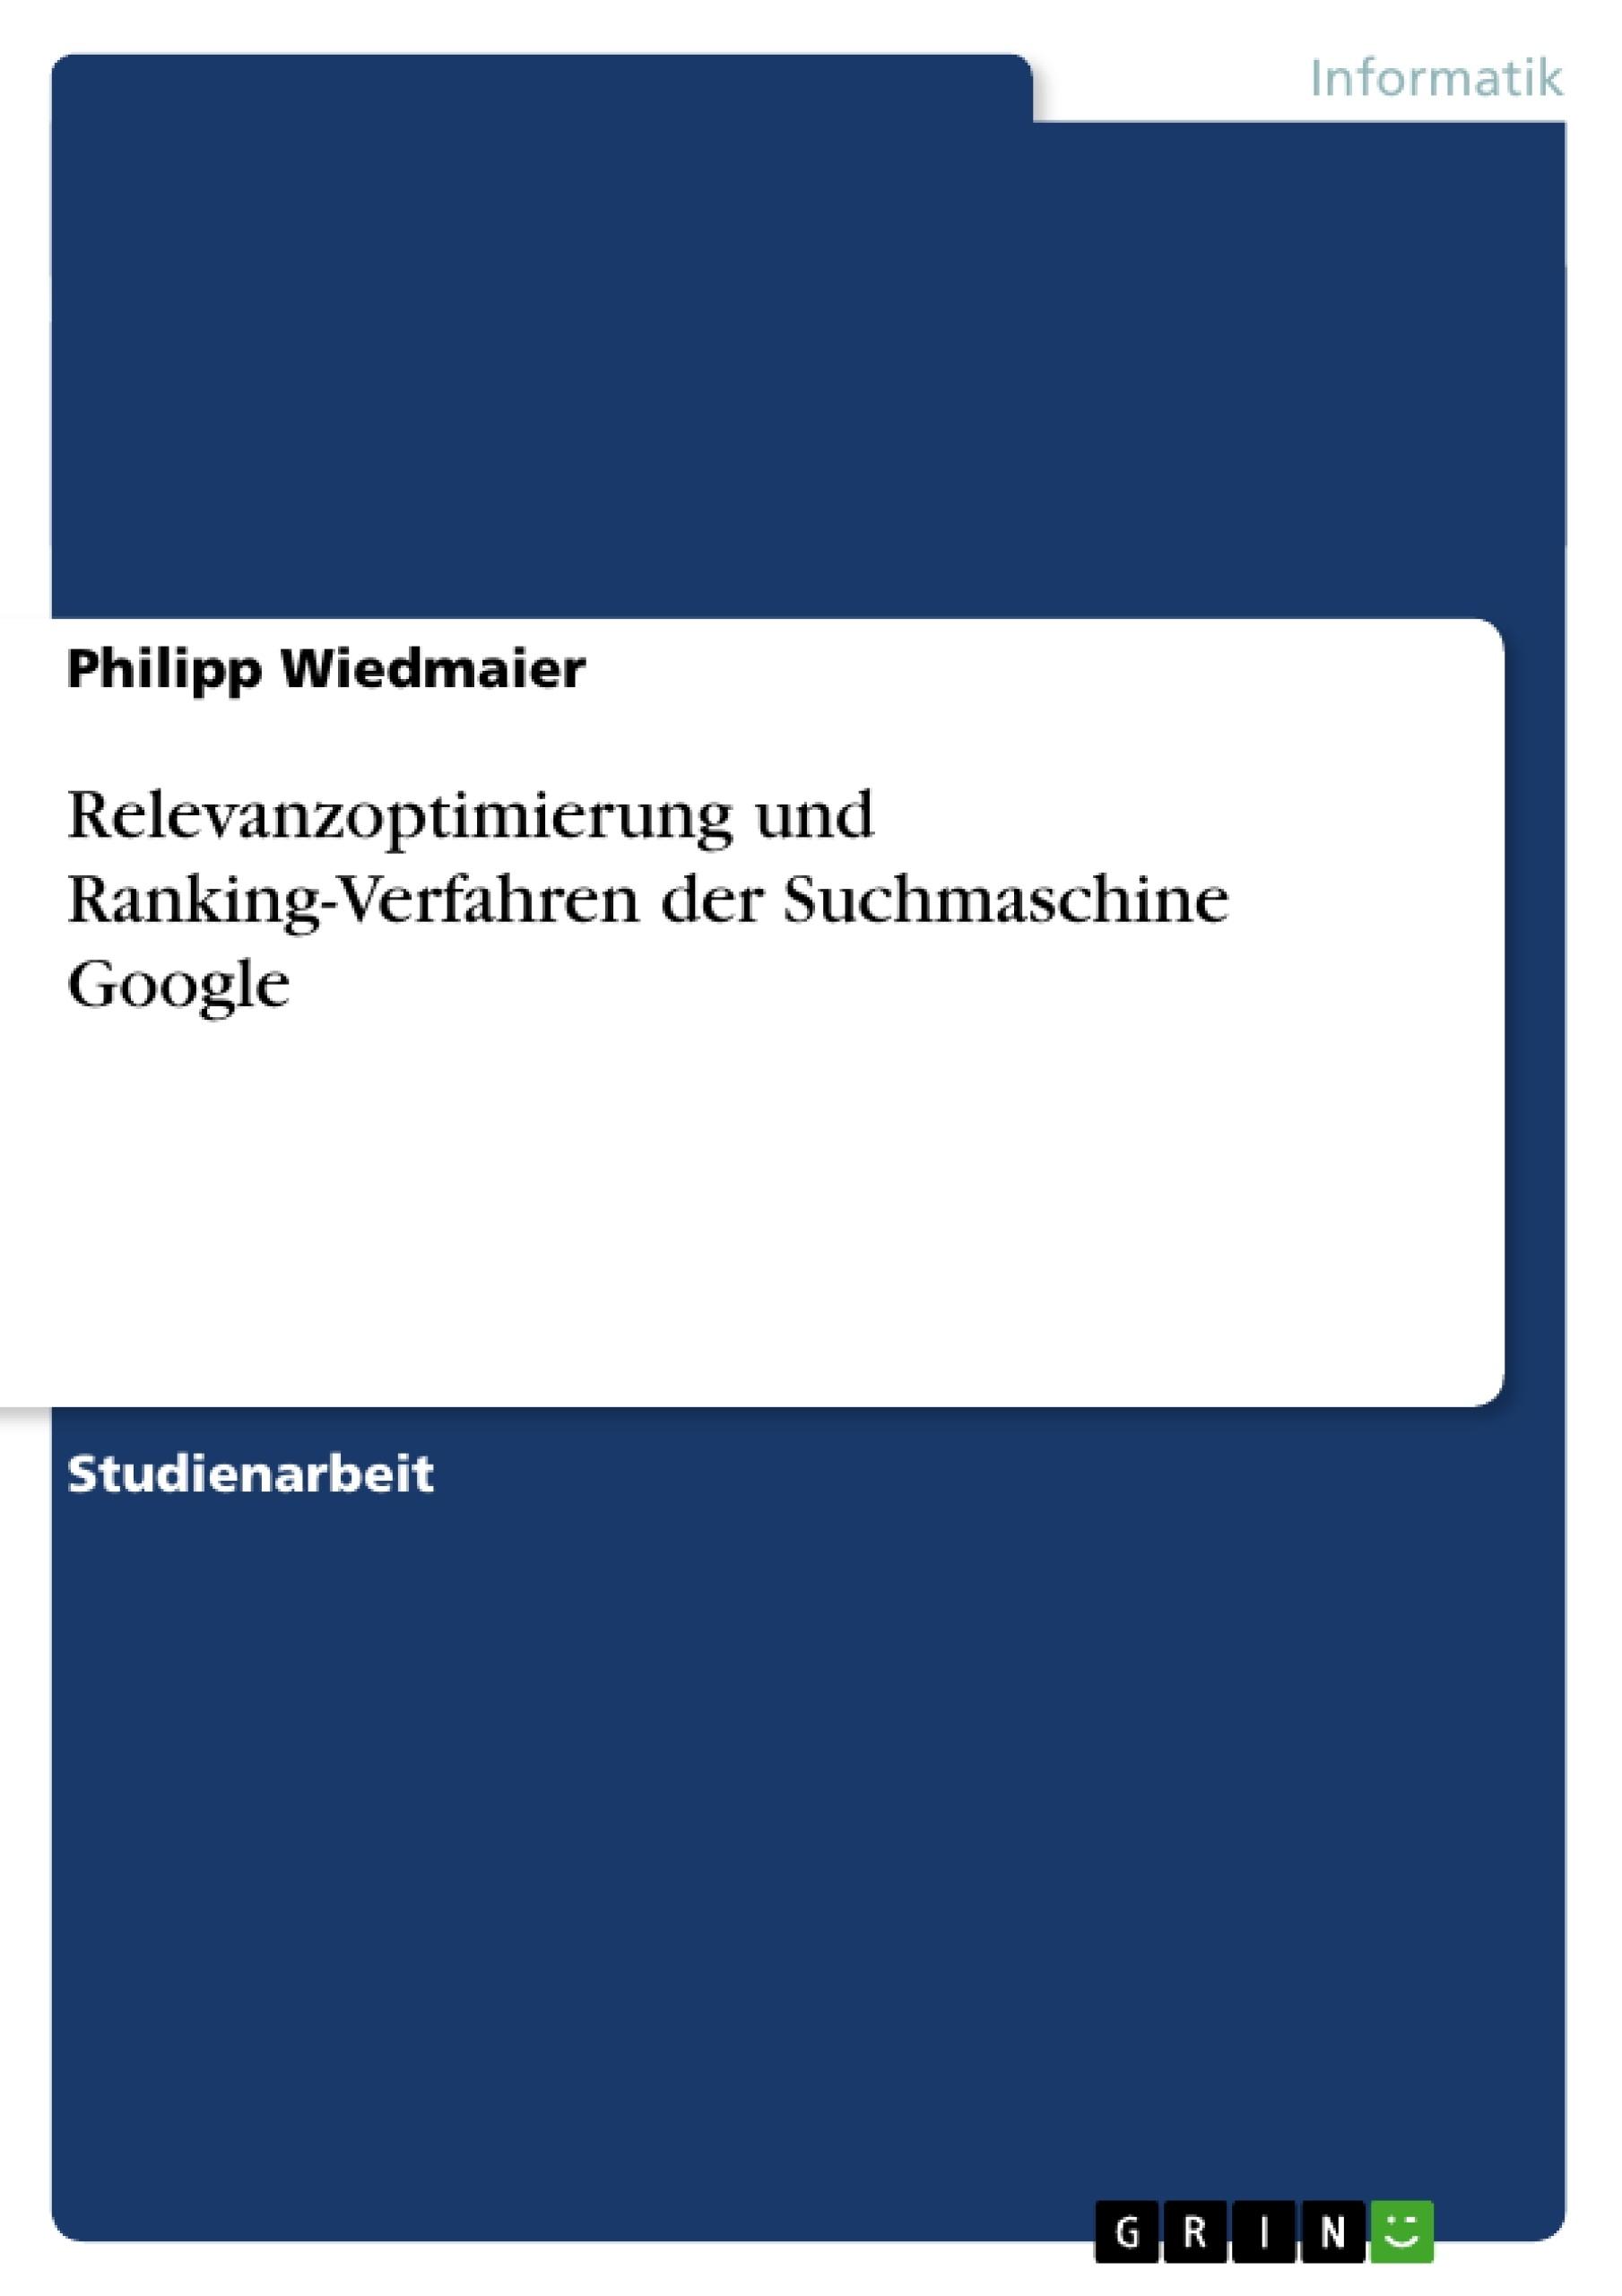 Titel: Relevanzoptimierung und Ranking-Verfahren der Suchmaschine Google